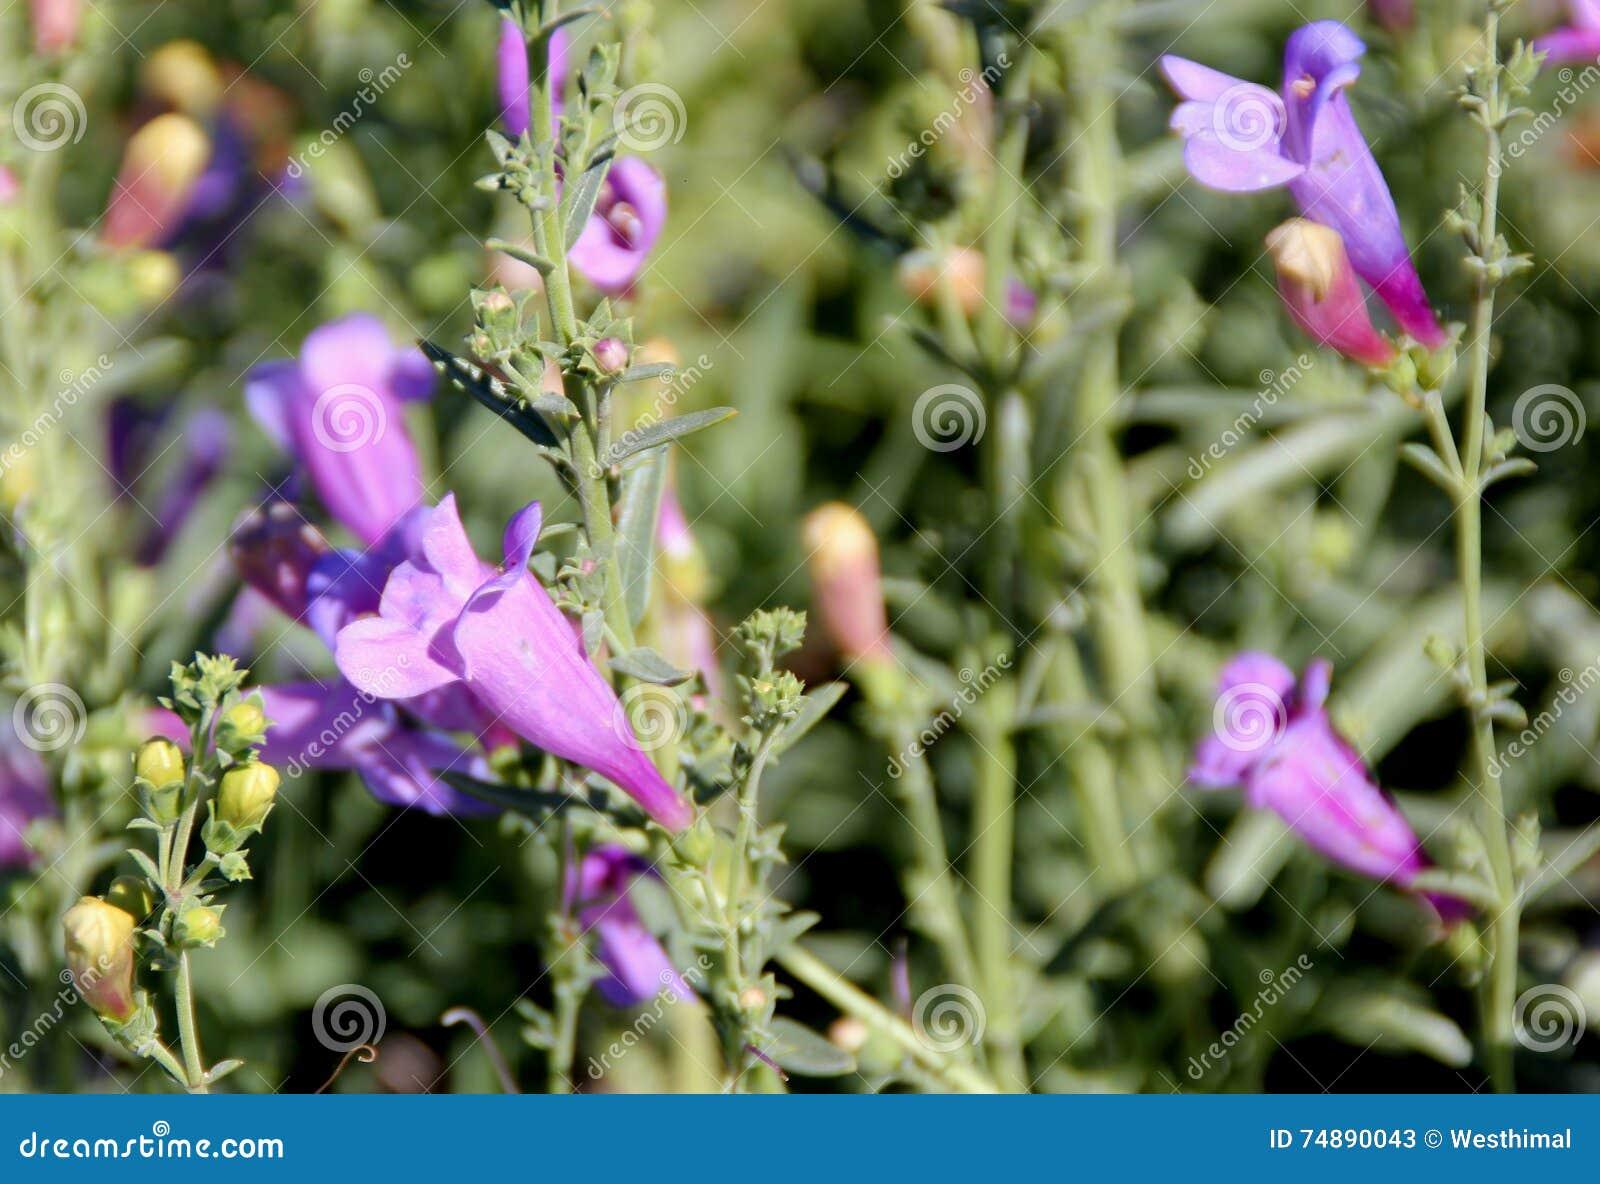 Penstemon heterophyllus  Margarita BOP , Blue Bedder